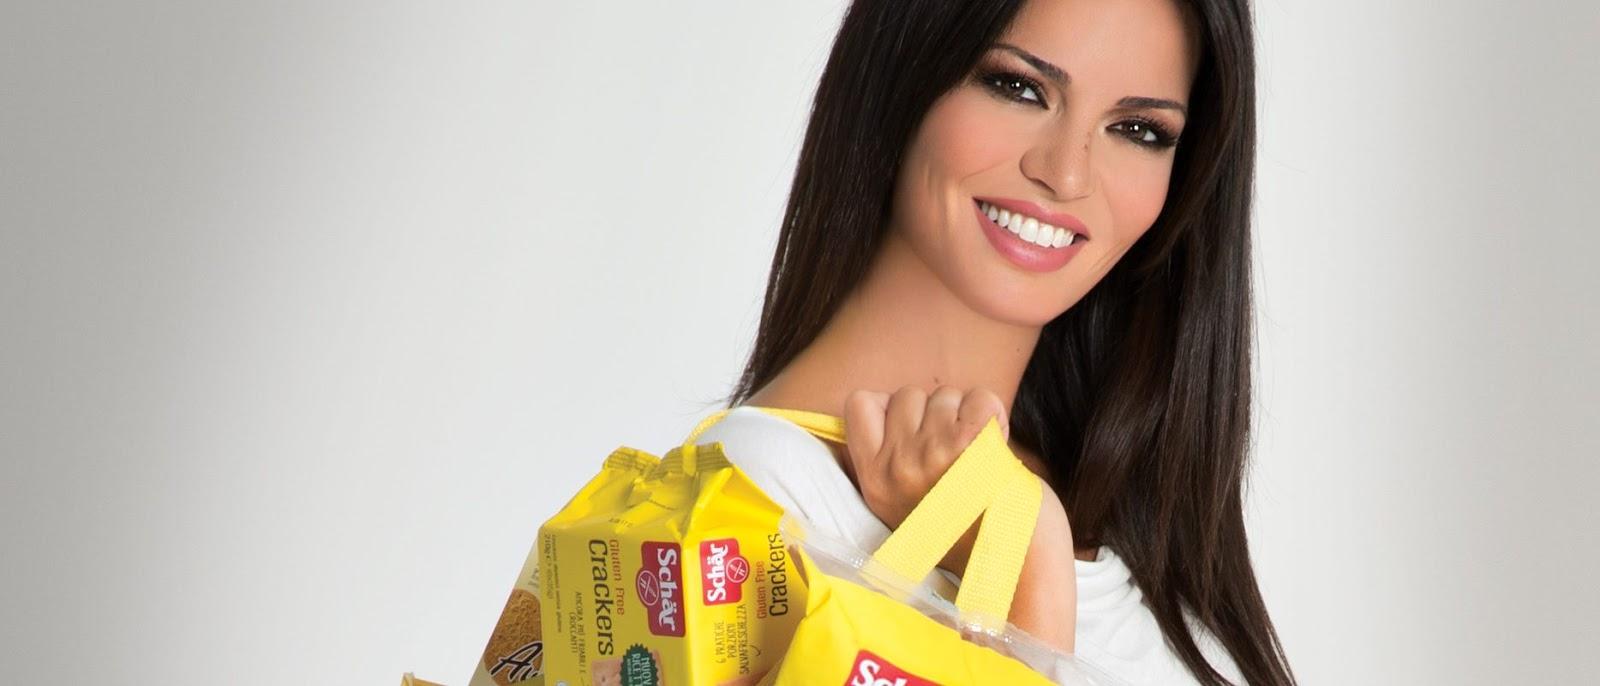 Laura Torrisi testimonial Pubblicità Shar Glutine free: ecco chi è la testimonial